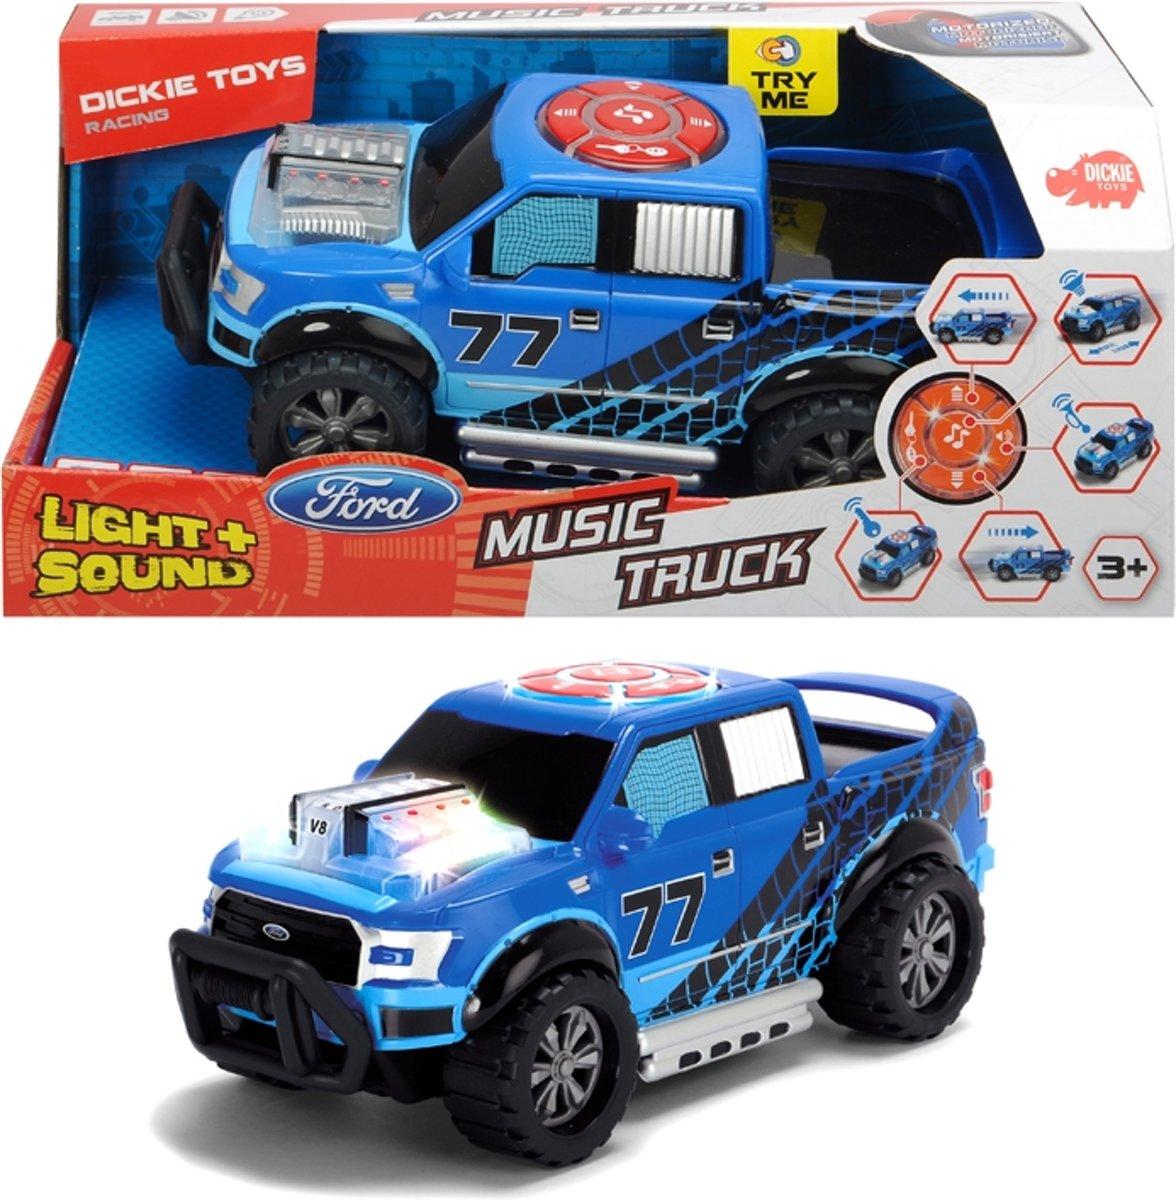 Auto - Music Truck - 23 Cm - Speelgoedvoertuig - Licht en geluid